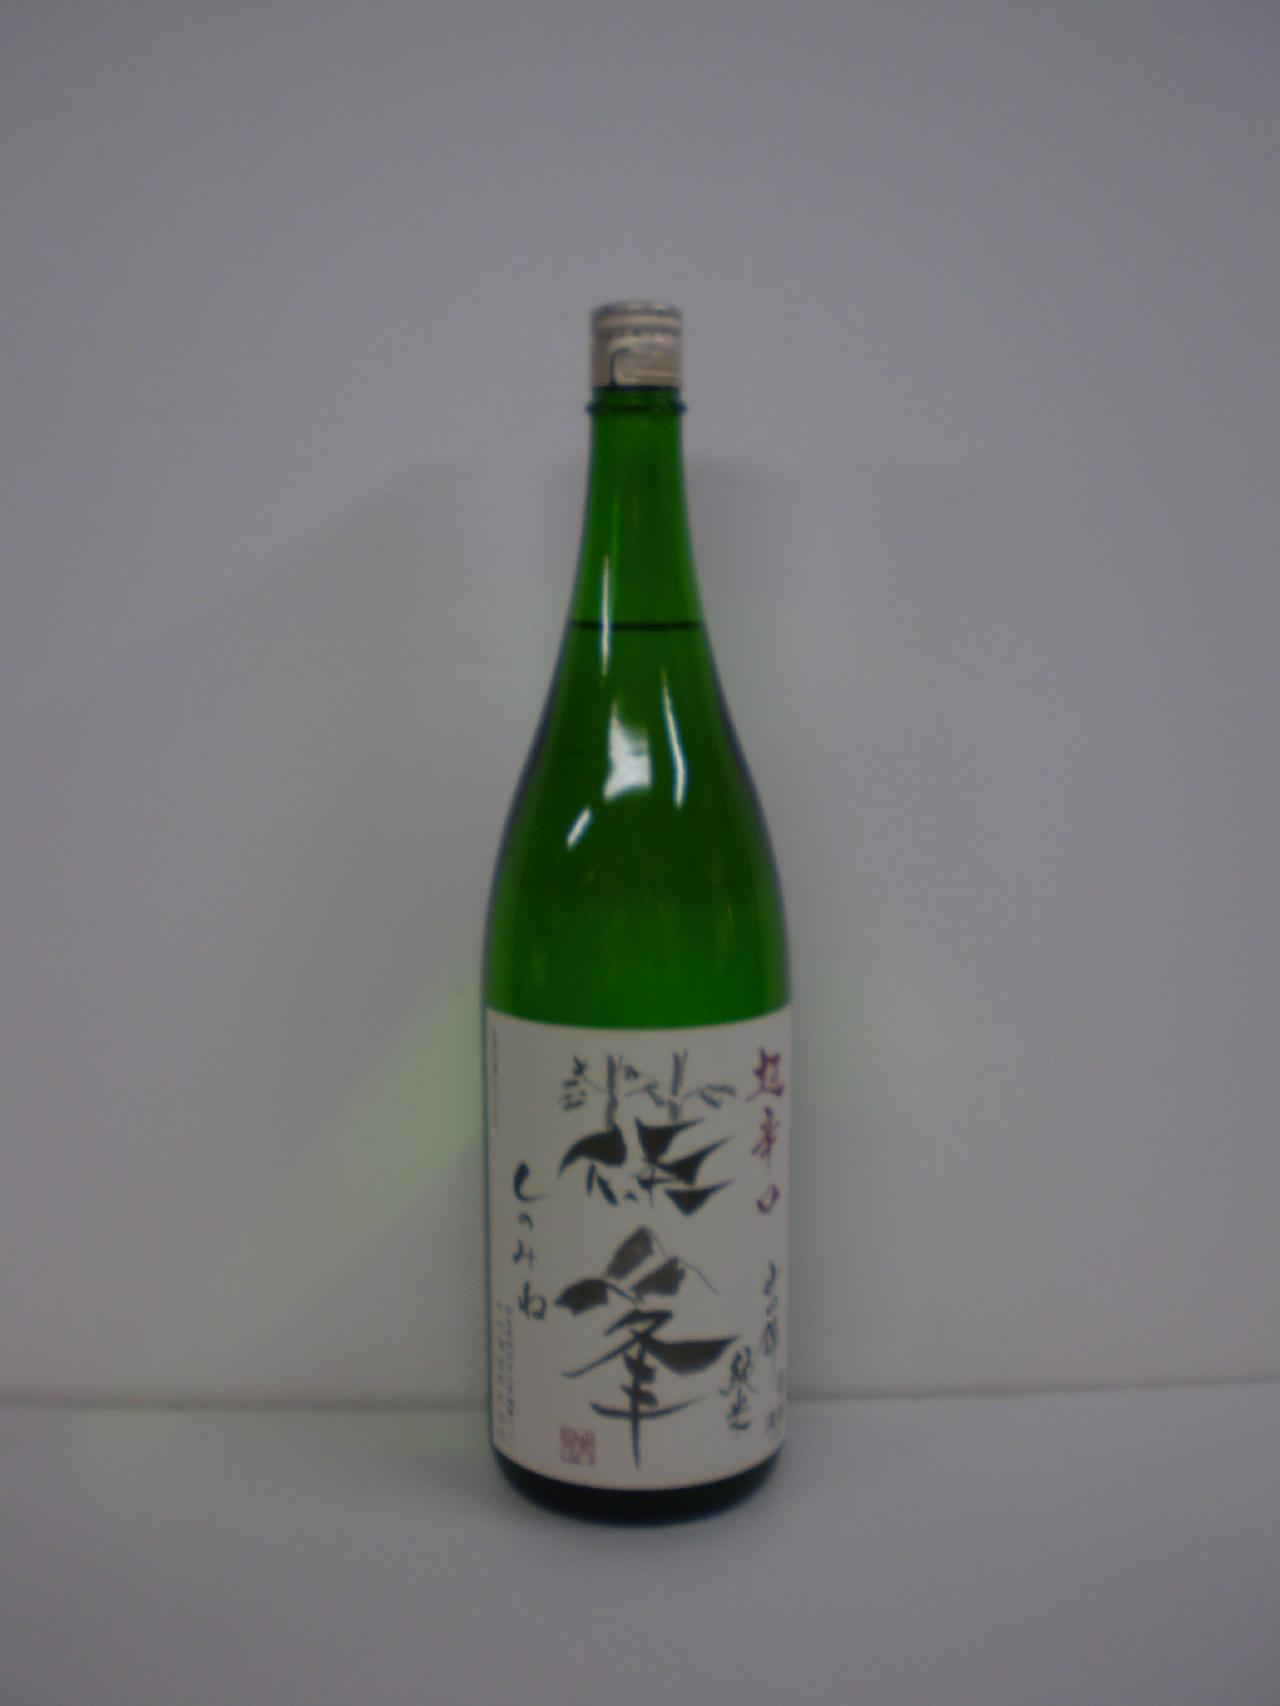 篠峯 純米 超辛口 竹山 1800ml 千代酒造